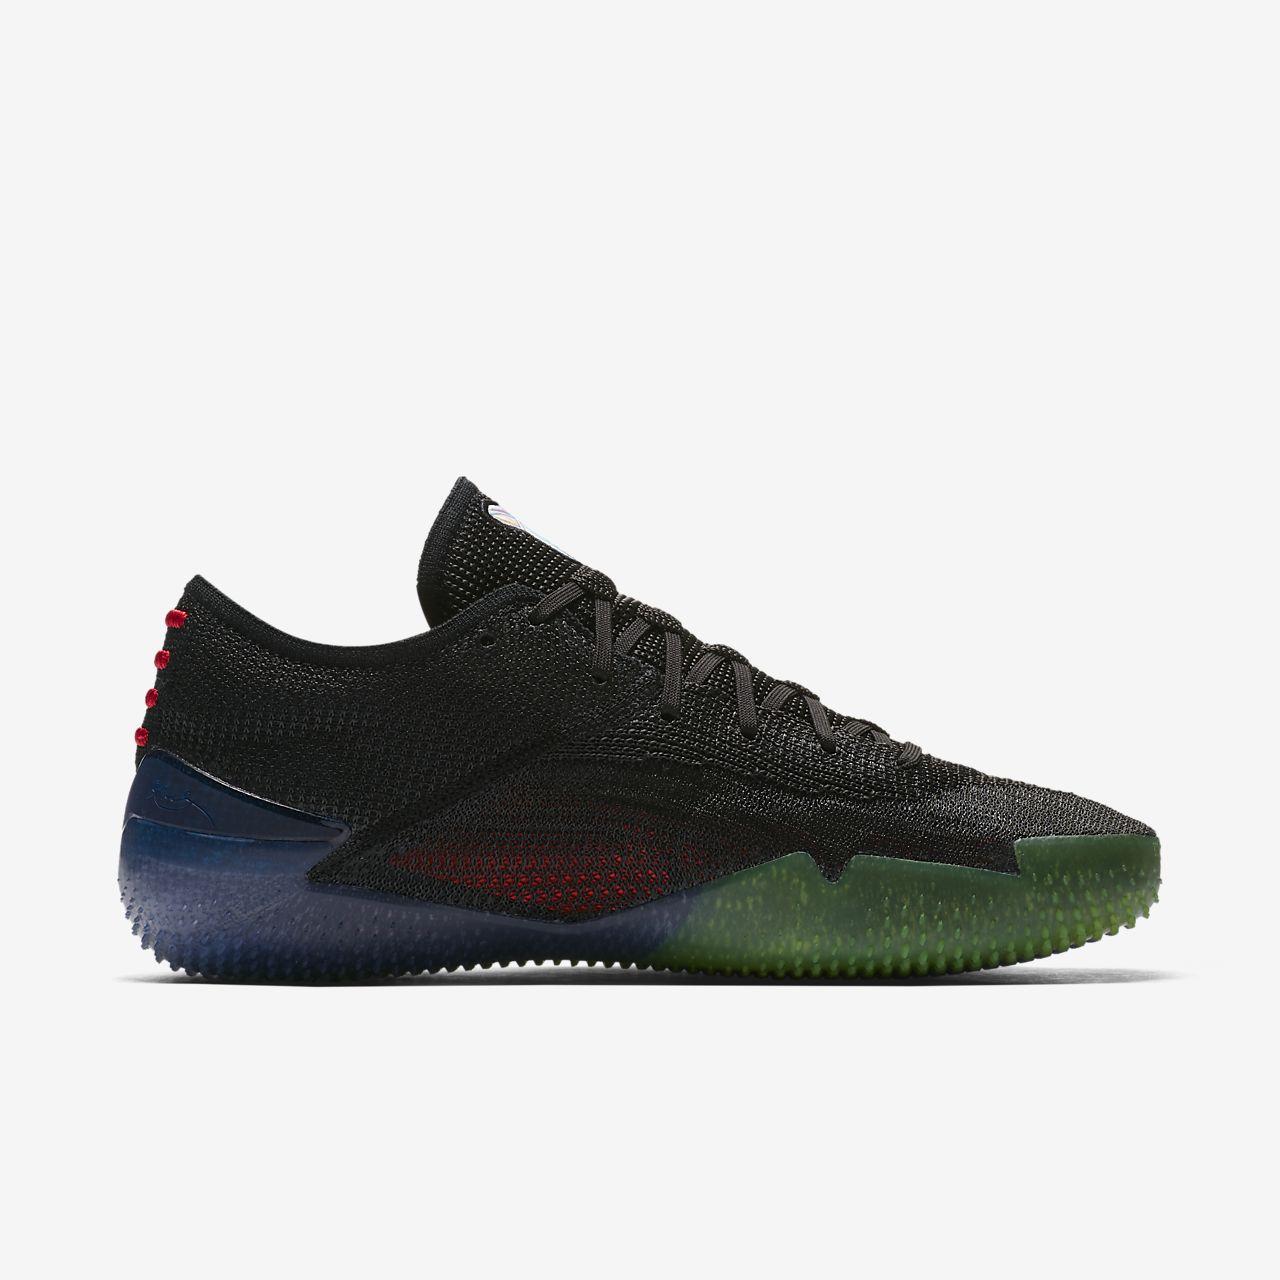 39cd58f4069 Kobe A.D. NXT 360 Basketball Shoe. Nike.com IN